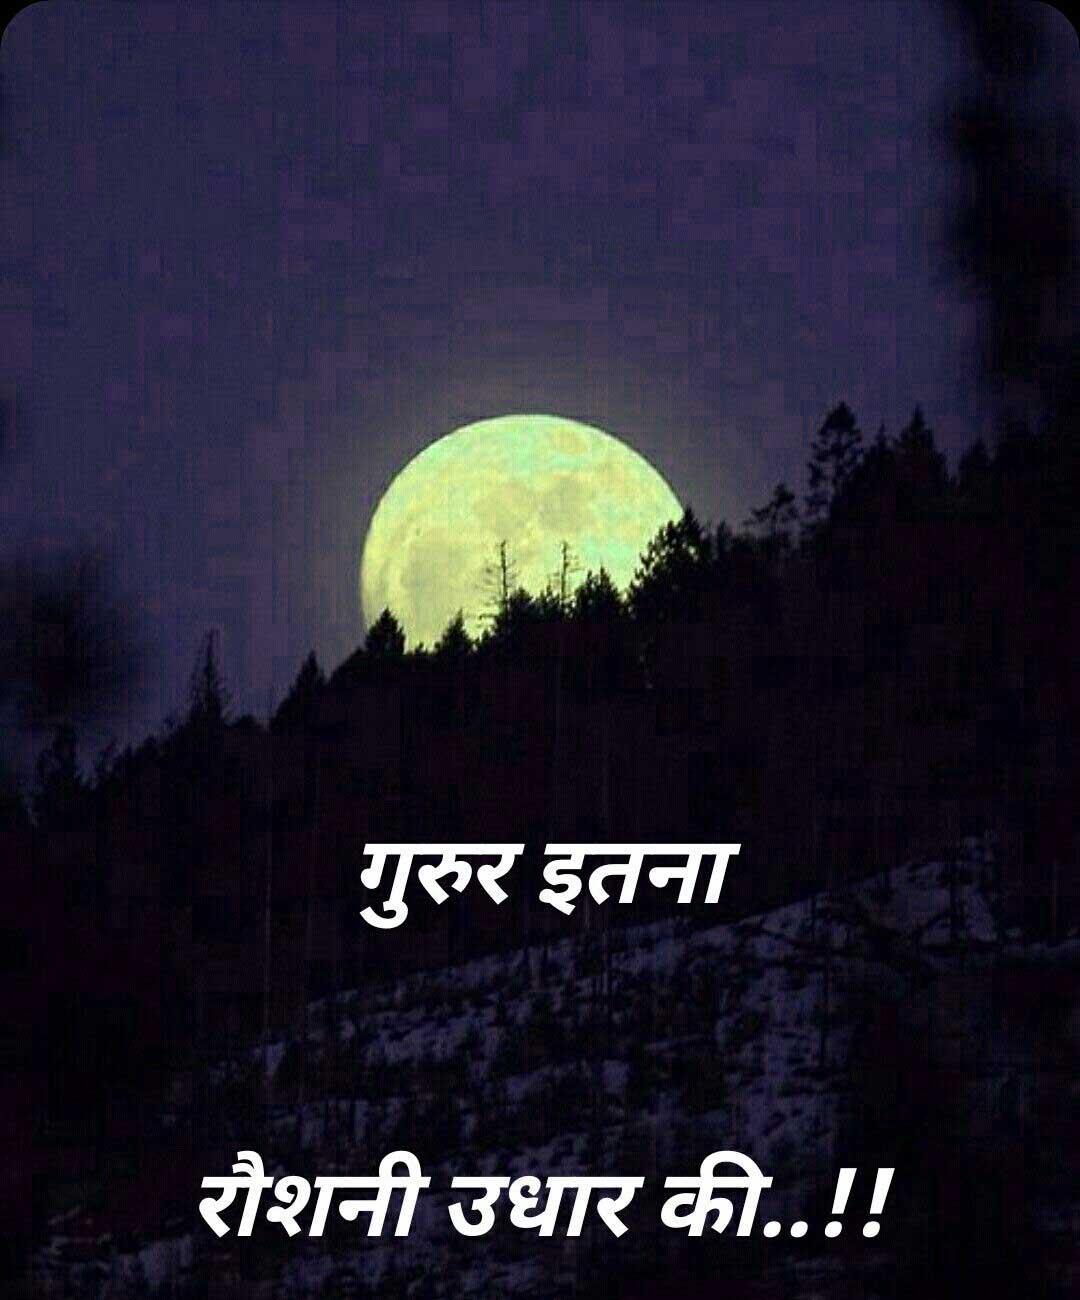 Hindi Life Quotes Whatsapp DP Photo Hd